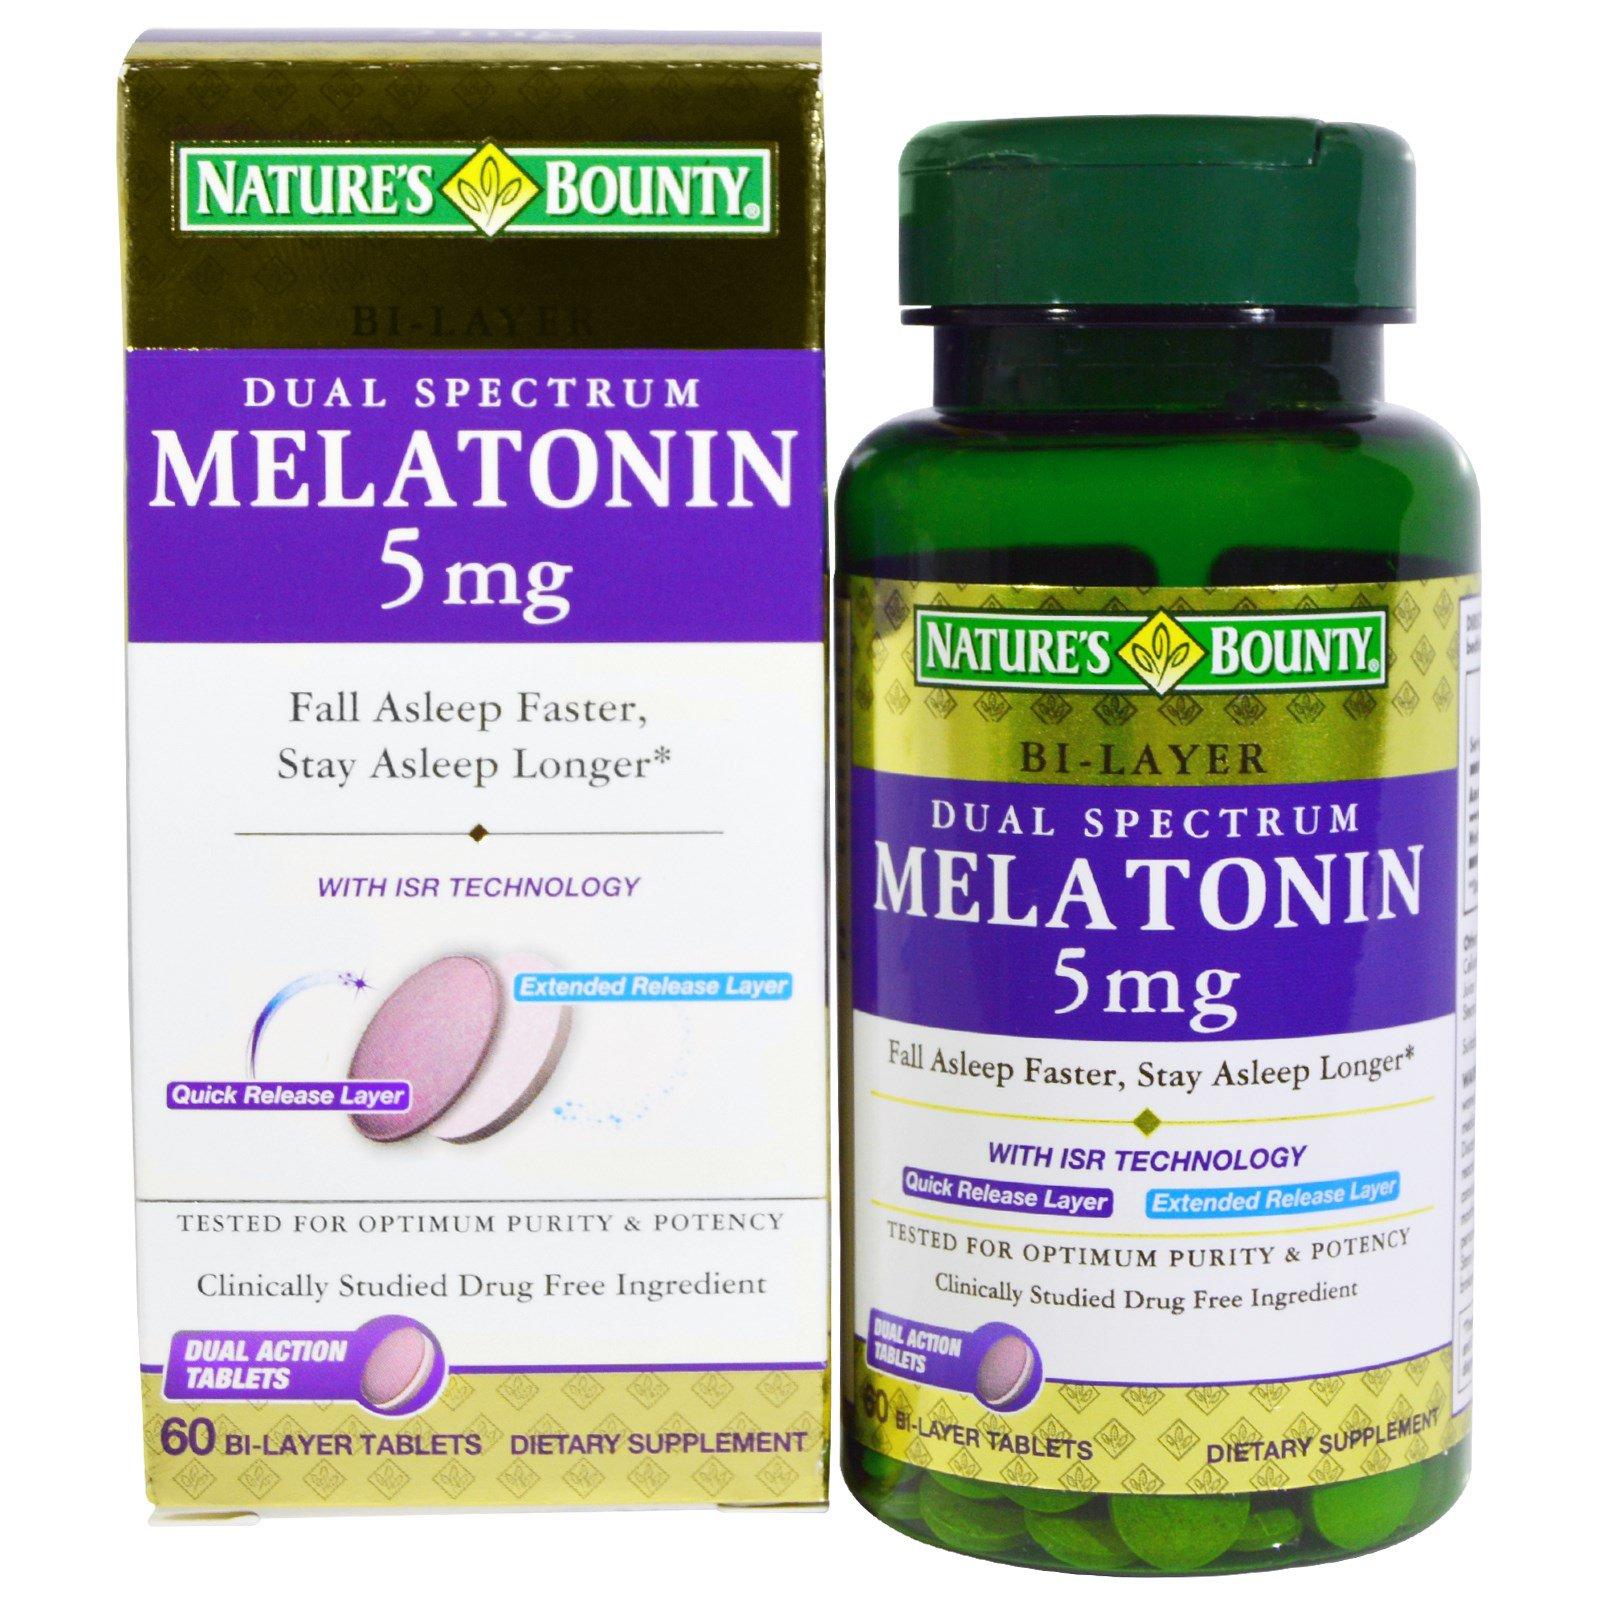 Nature S Bounty Dual Spectrum Melatonin Reviews